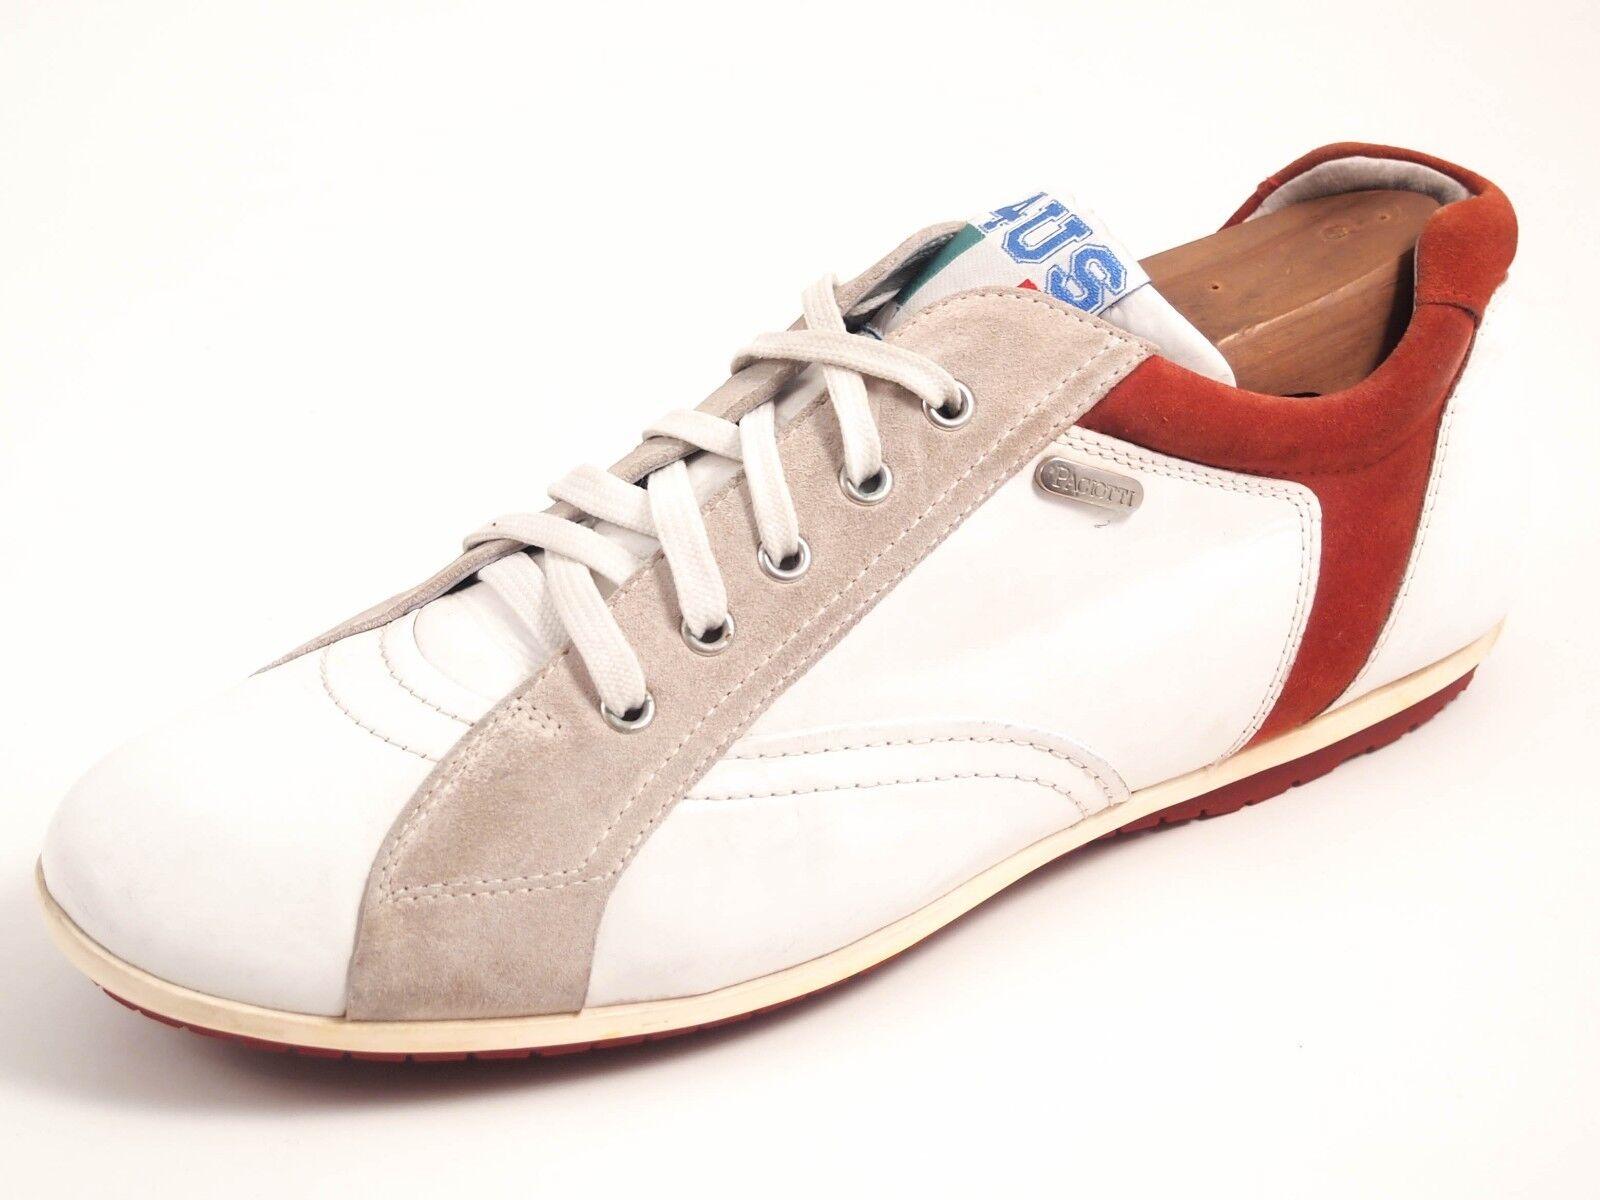 Paciotti Turnschuhe, UK Weiß Leder,men's shoe Größe UK Turnschuhe, 9 EU 43 7f8d22